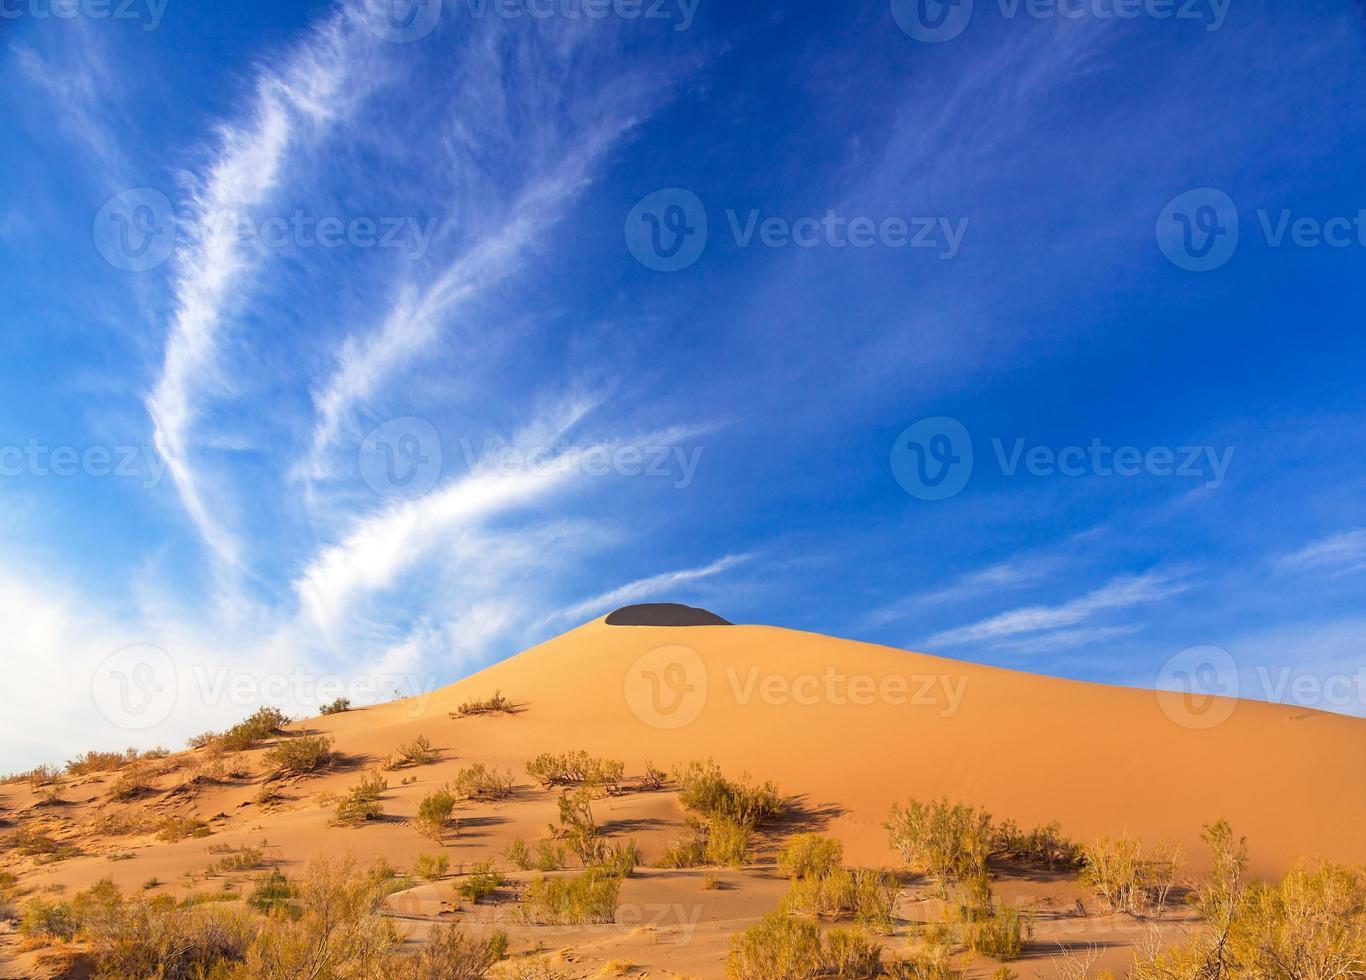 duna de arena amanecer foto